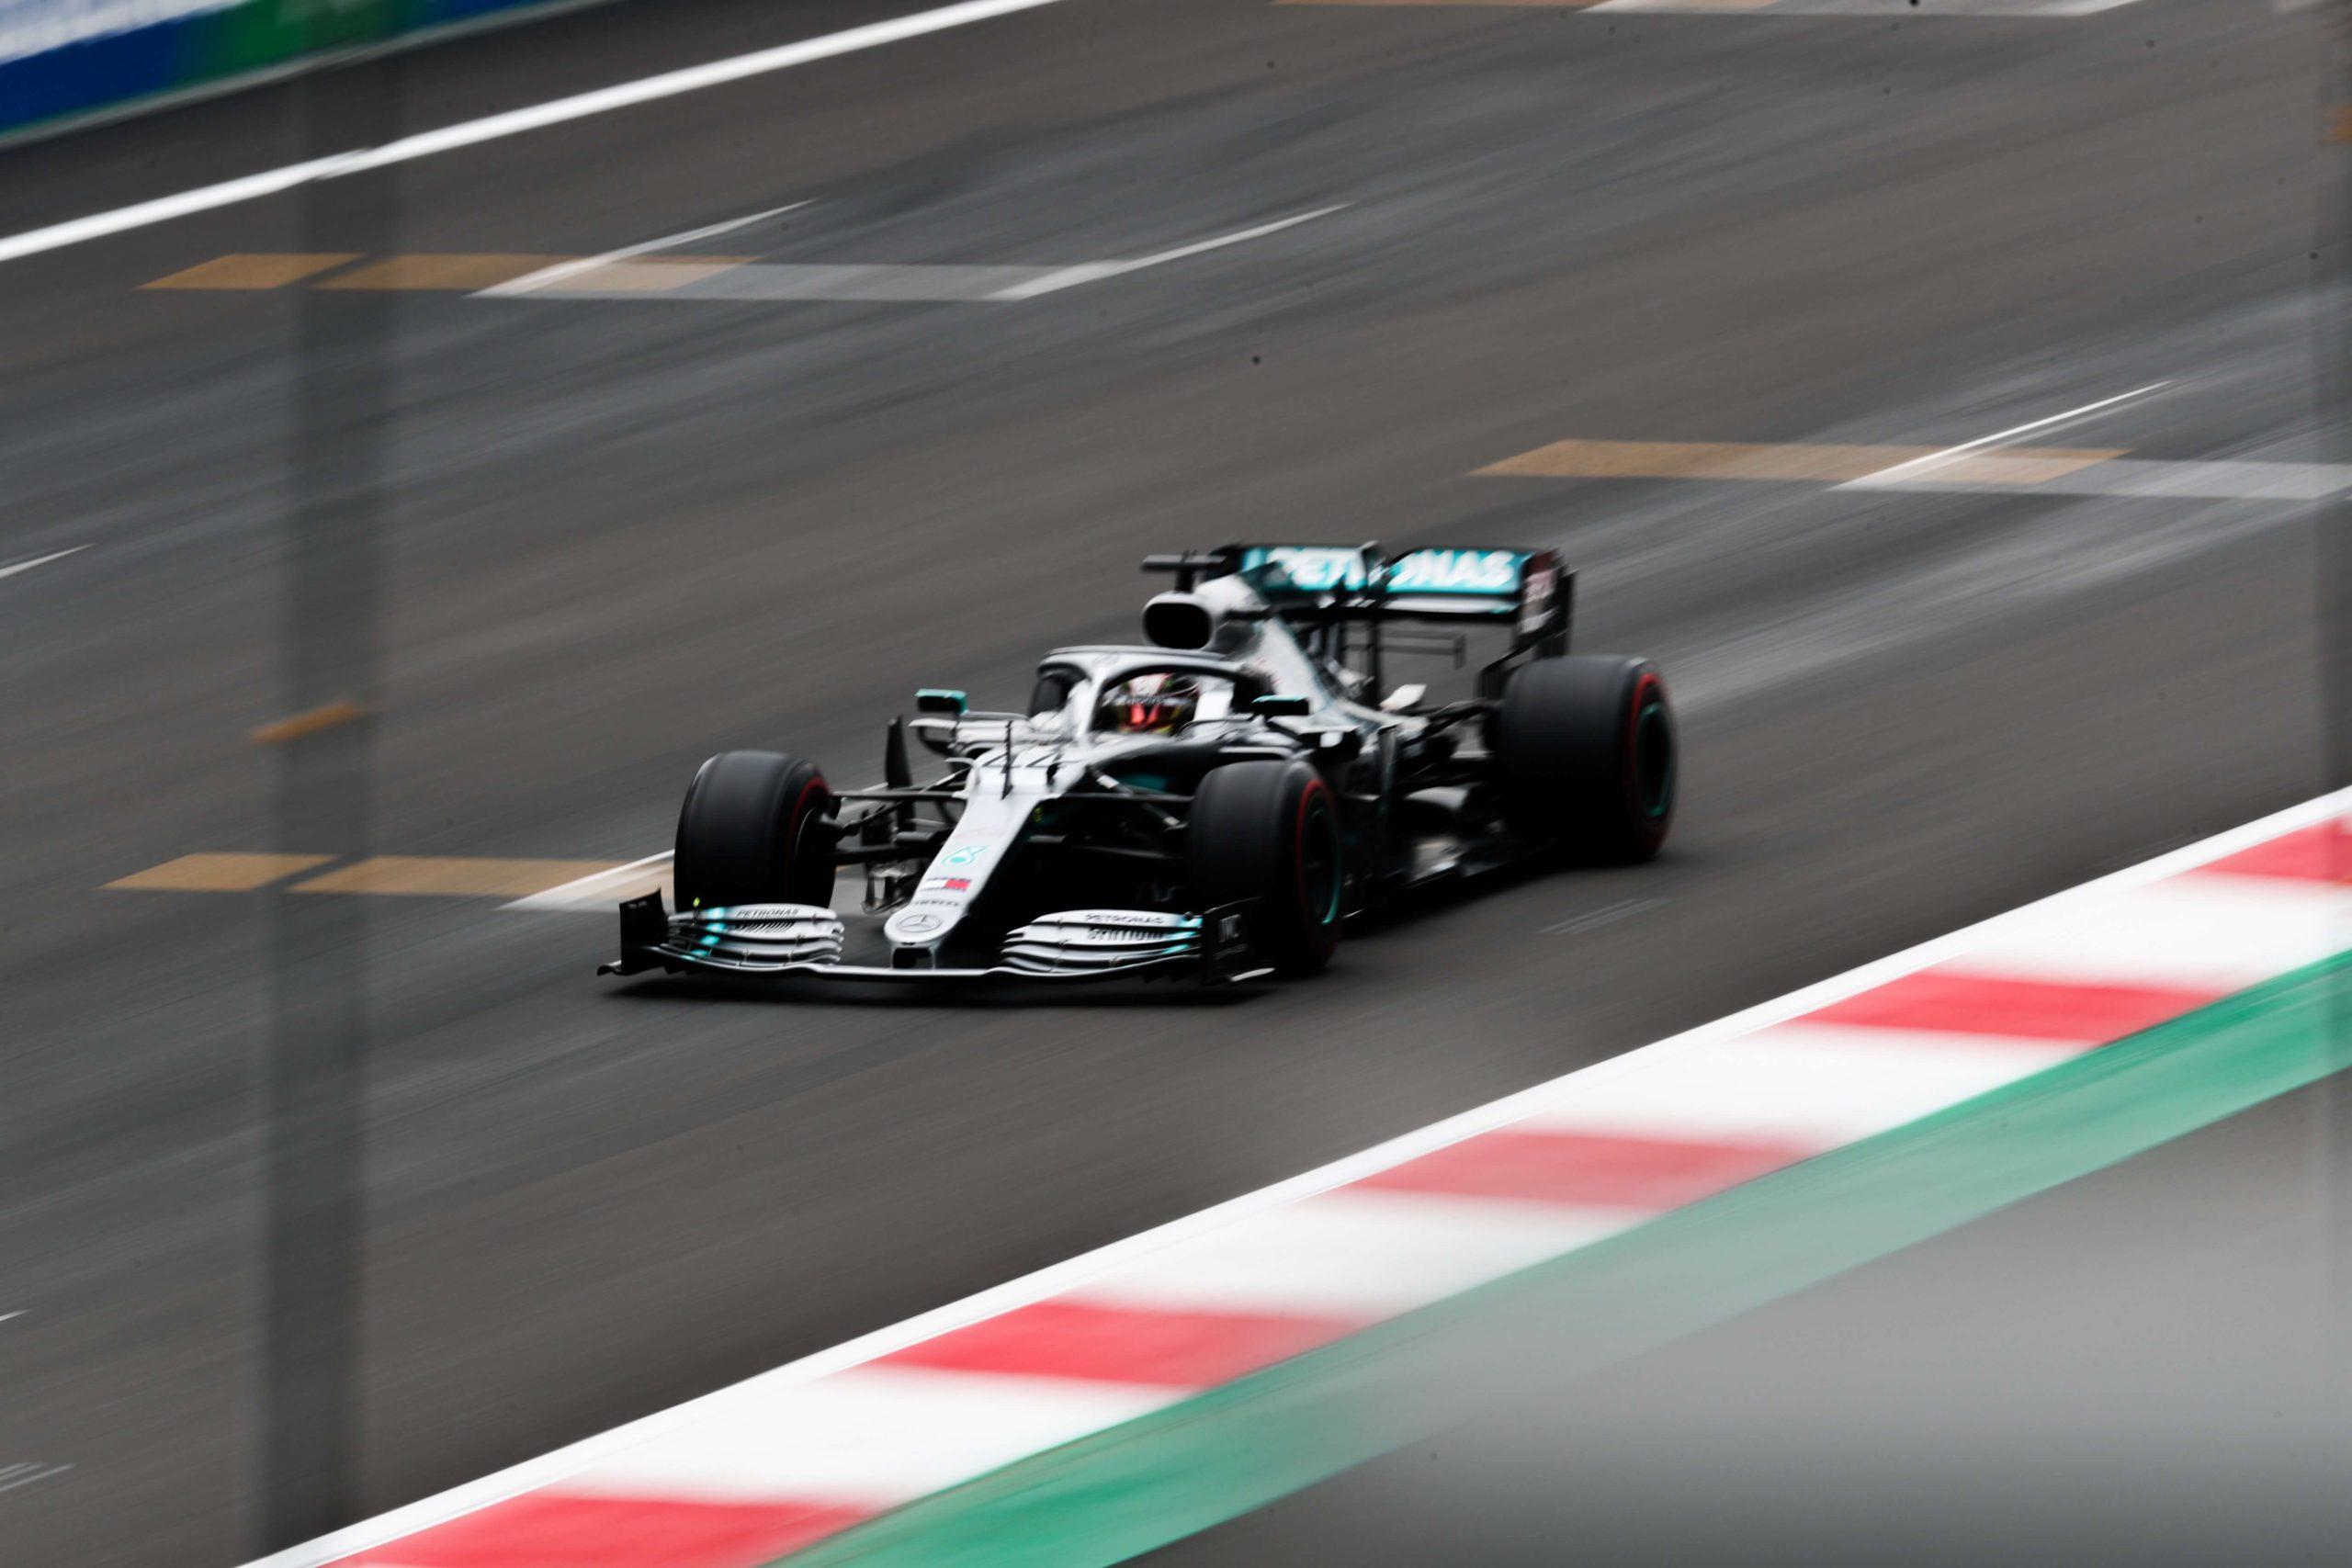 سيارة-مرسيدس-2020-فورمولا-1